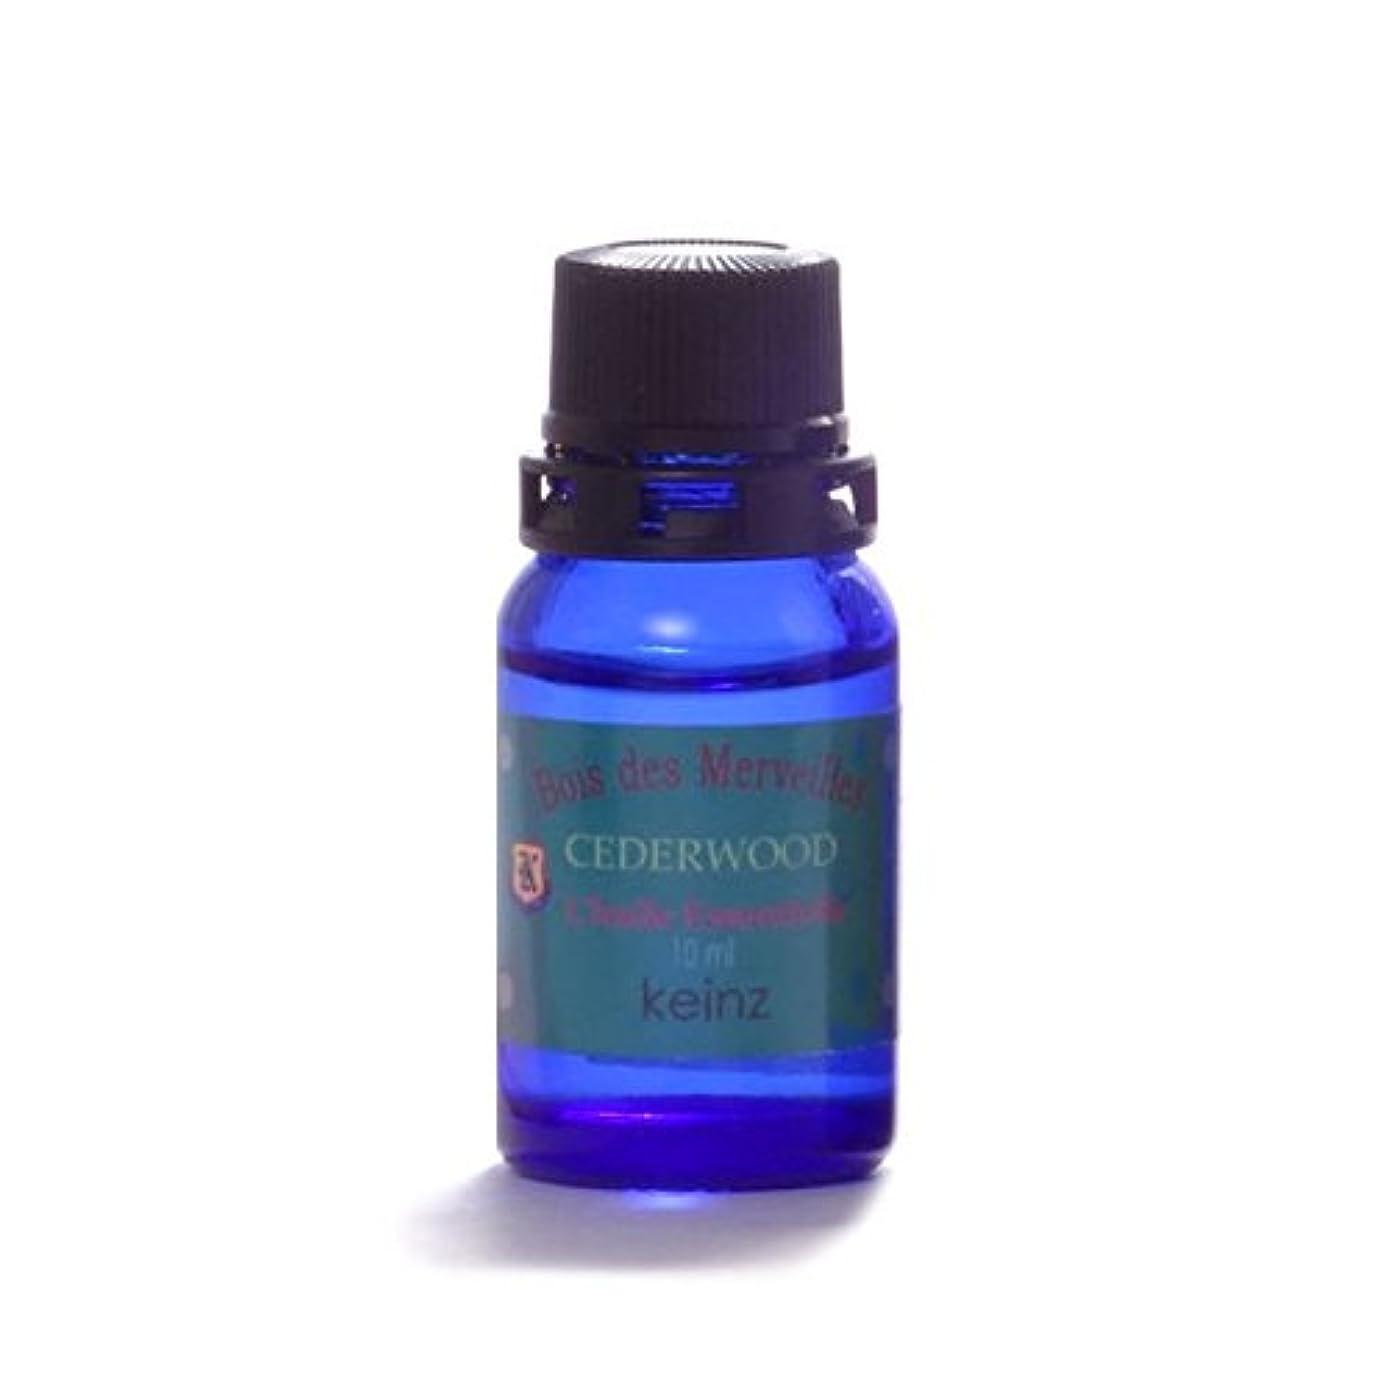 ペニー判決肯定的keinzエッセンシャルオイル「シダーウッド10ml」 ケインズ正規品 製造国アメリカ 完全無添加 人工香料は使用していません。